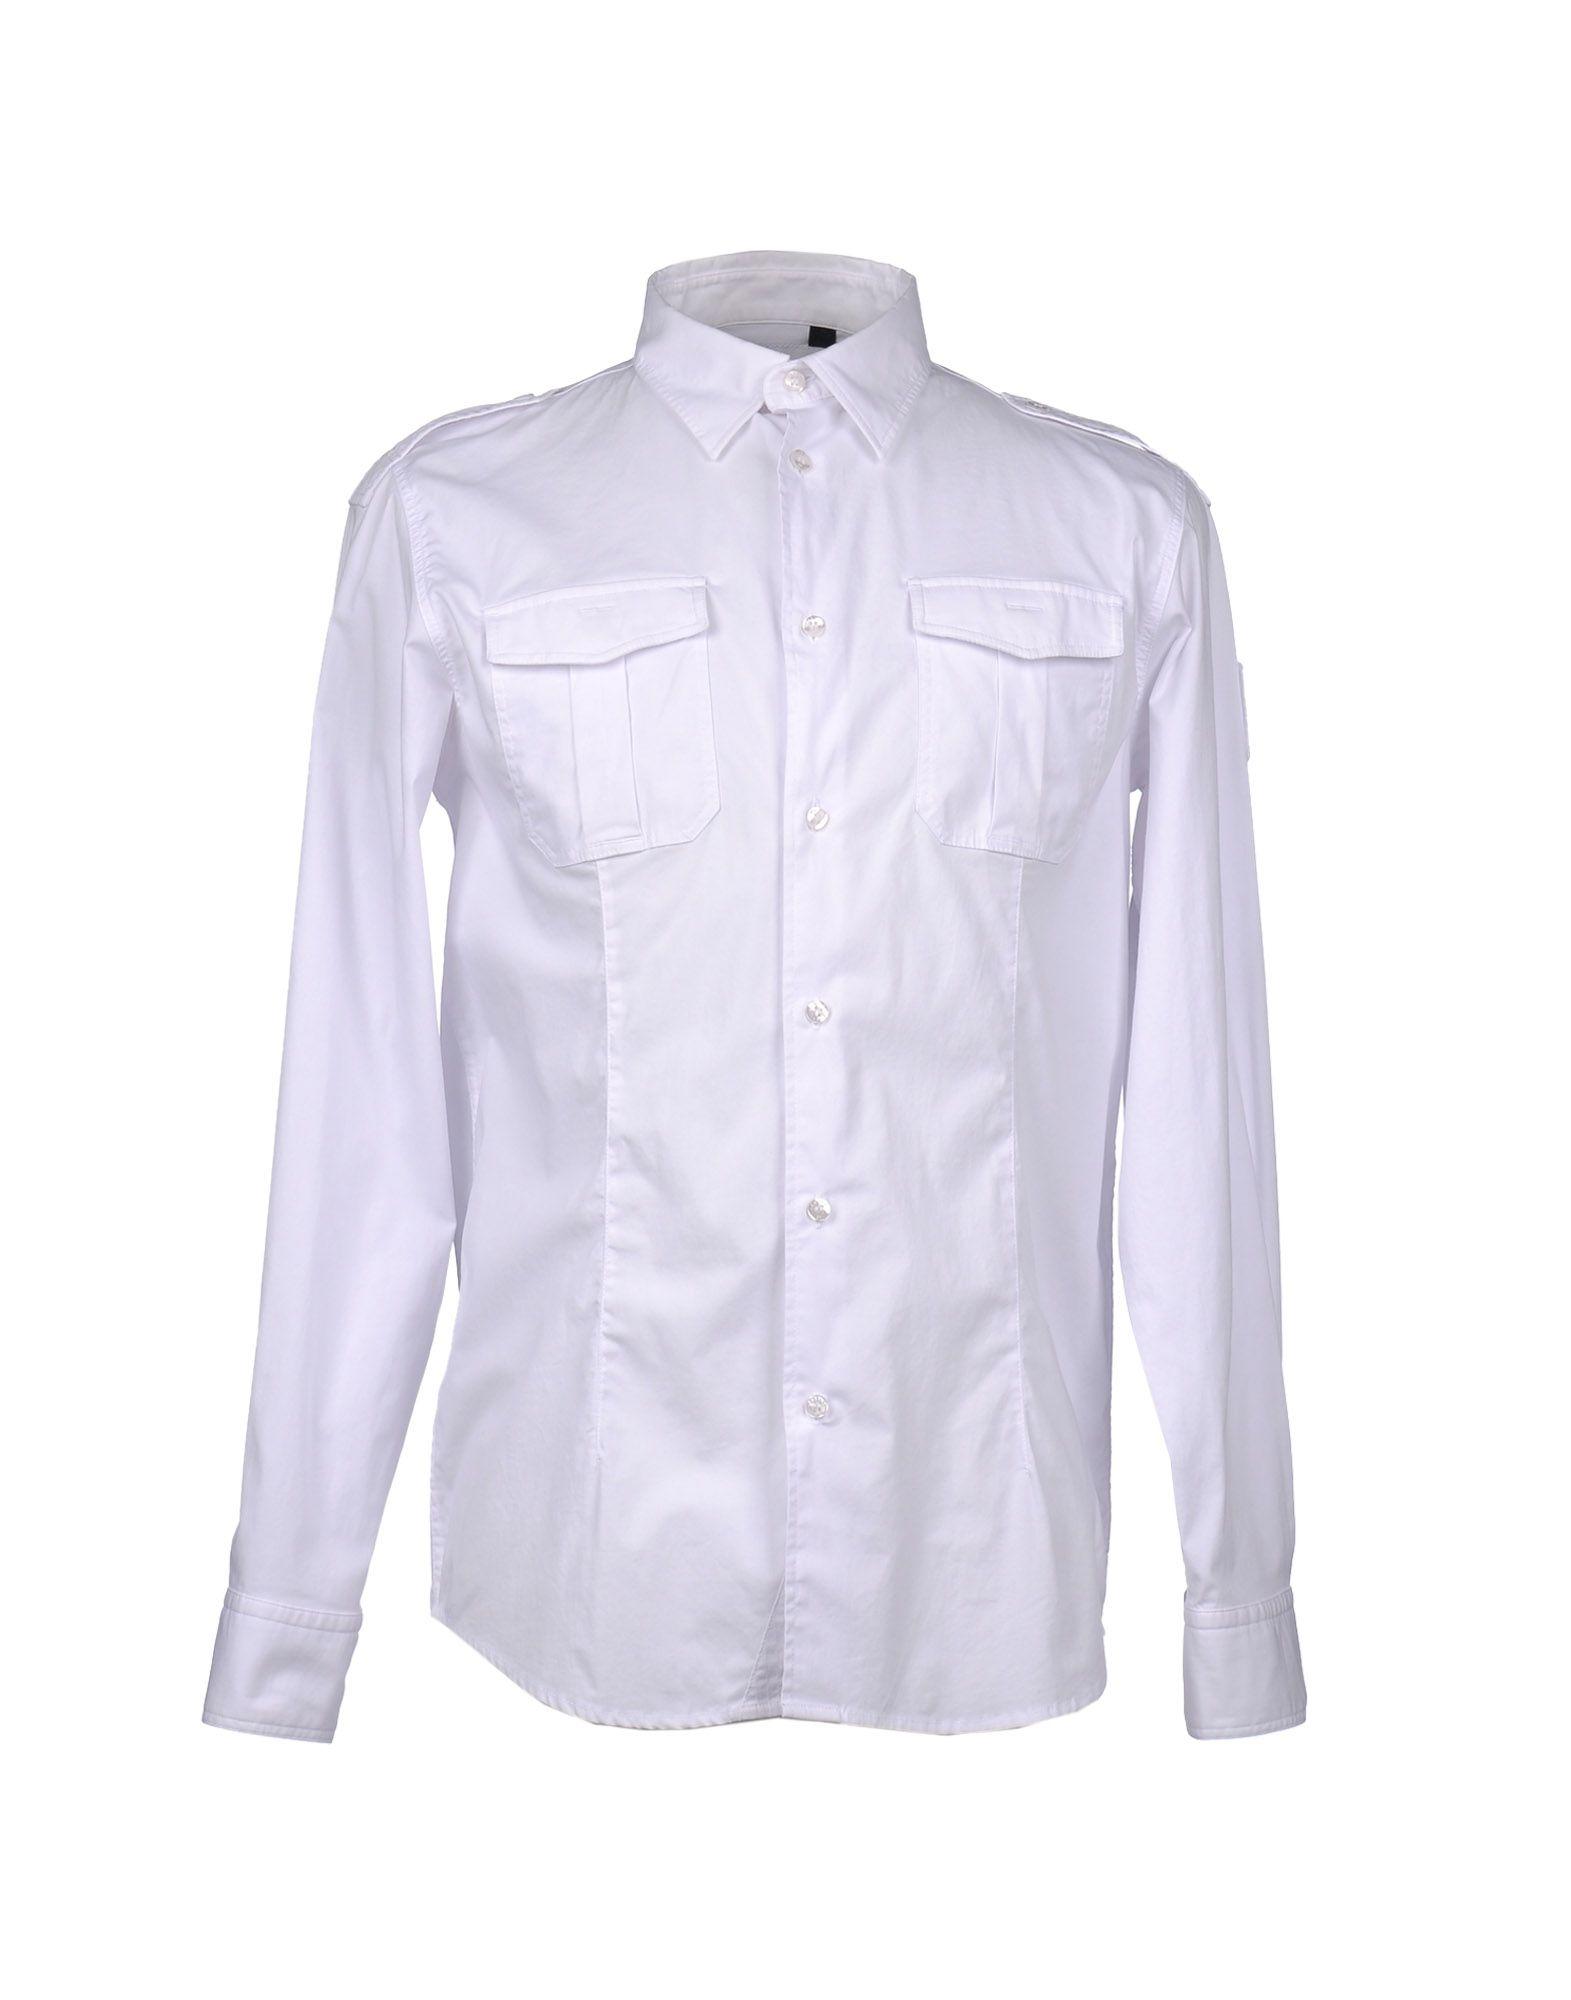 купить DEKKER Рубашка с длинными рукавами по цене 2840 рублей